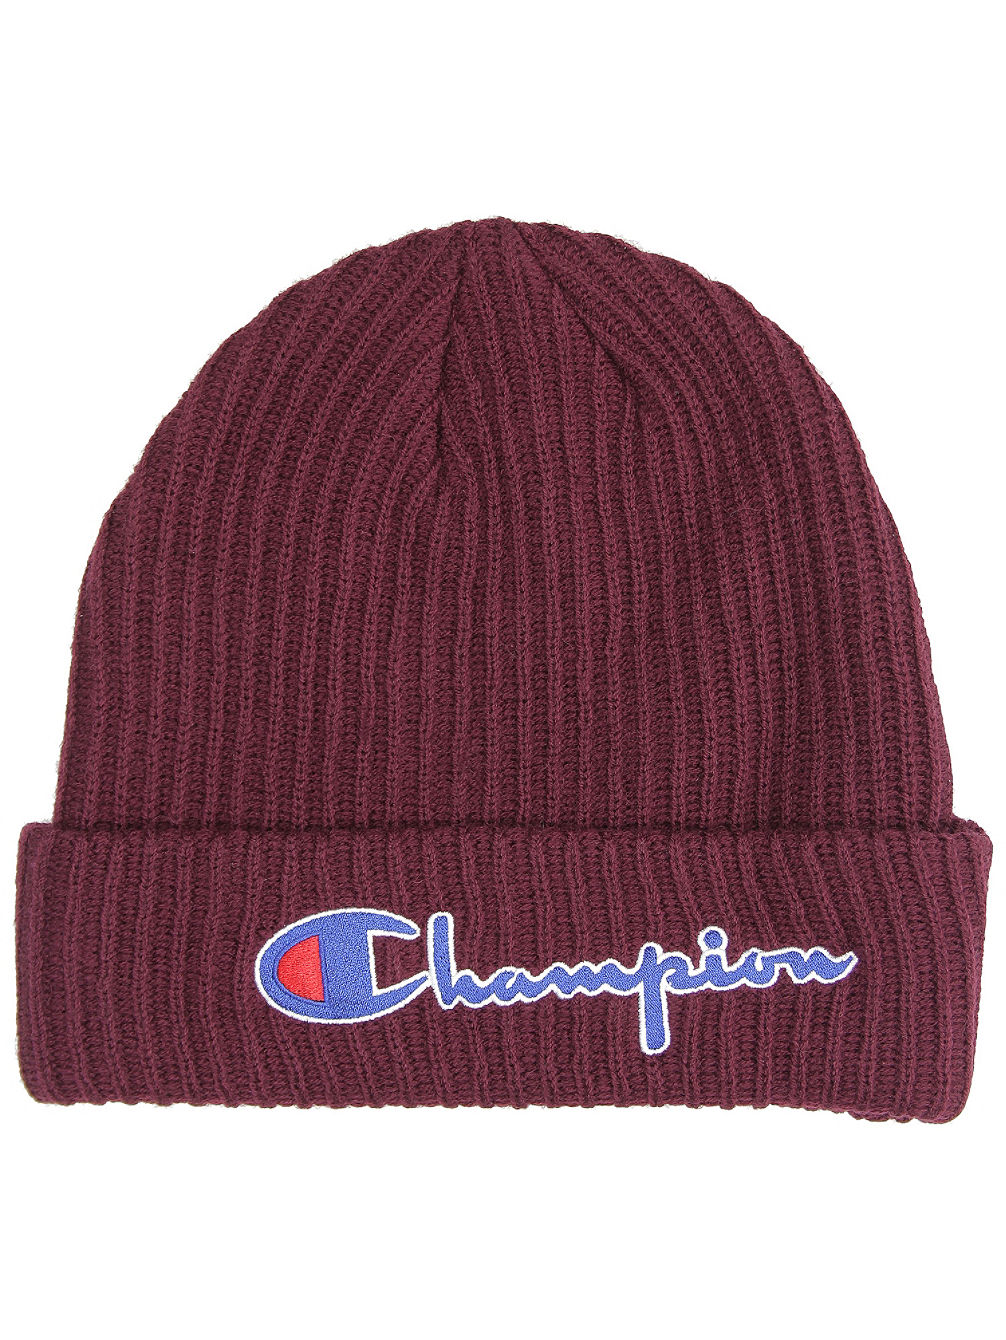 Buy Champion Skript Beanie online at blue-tomato.com d465063d5231